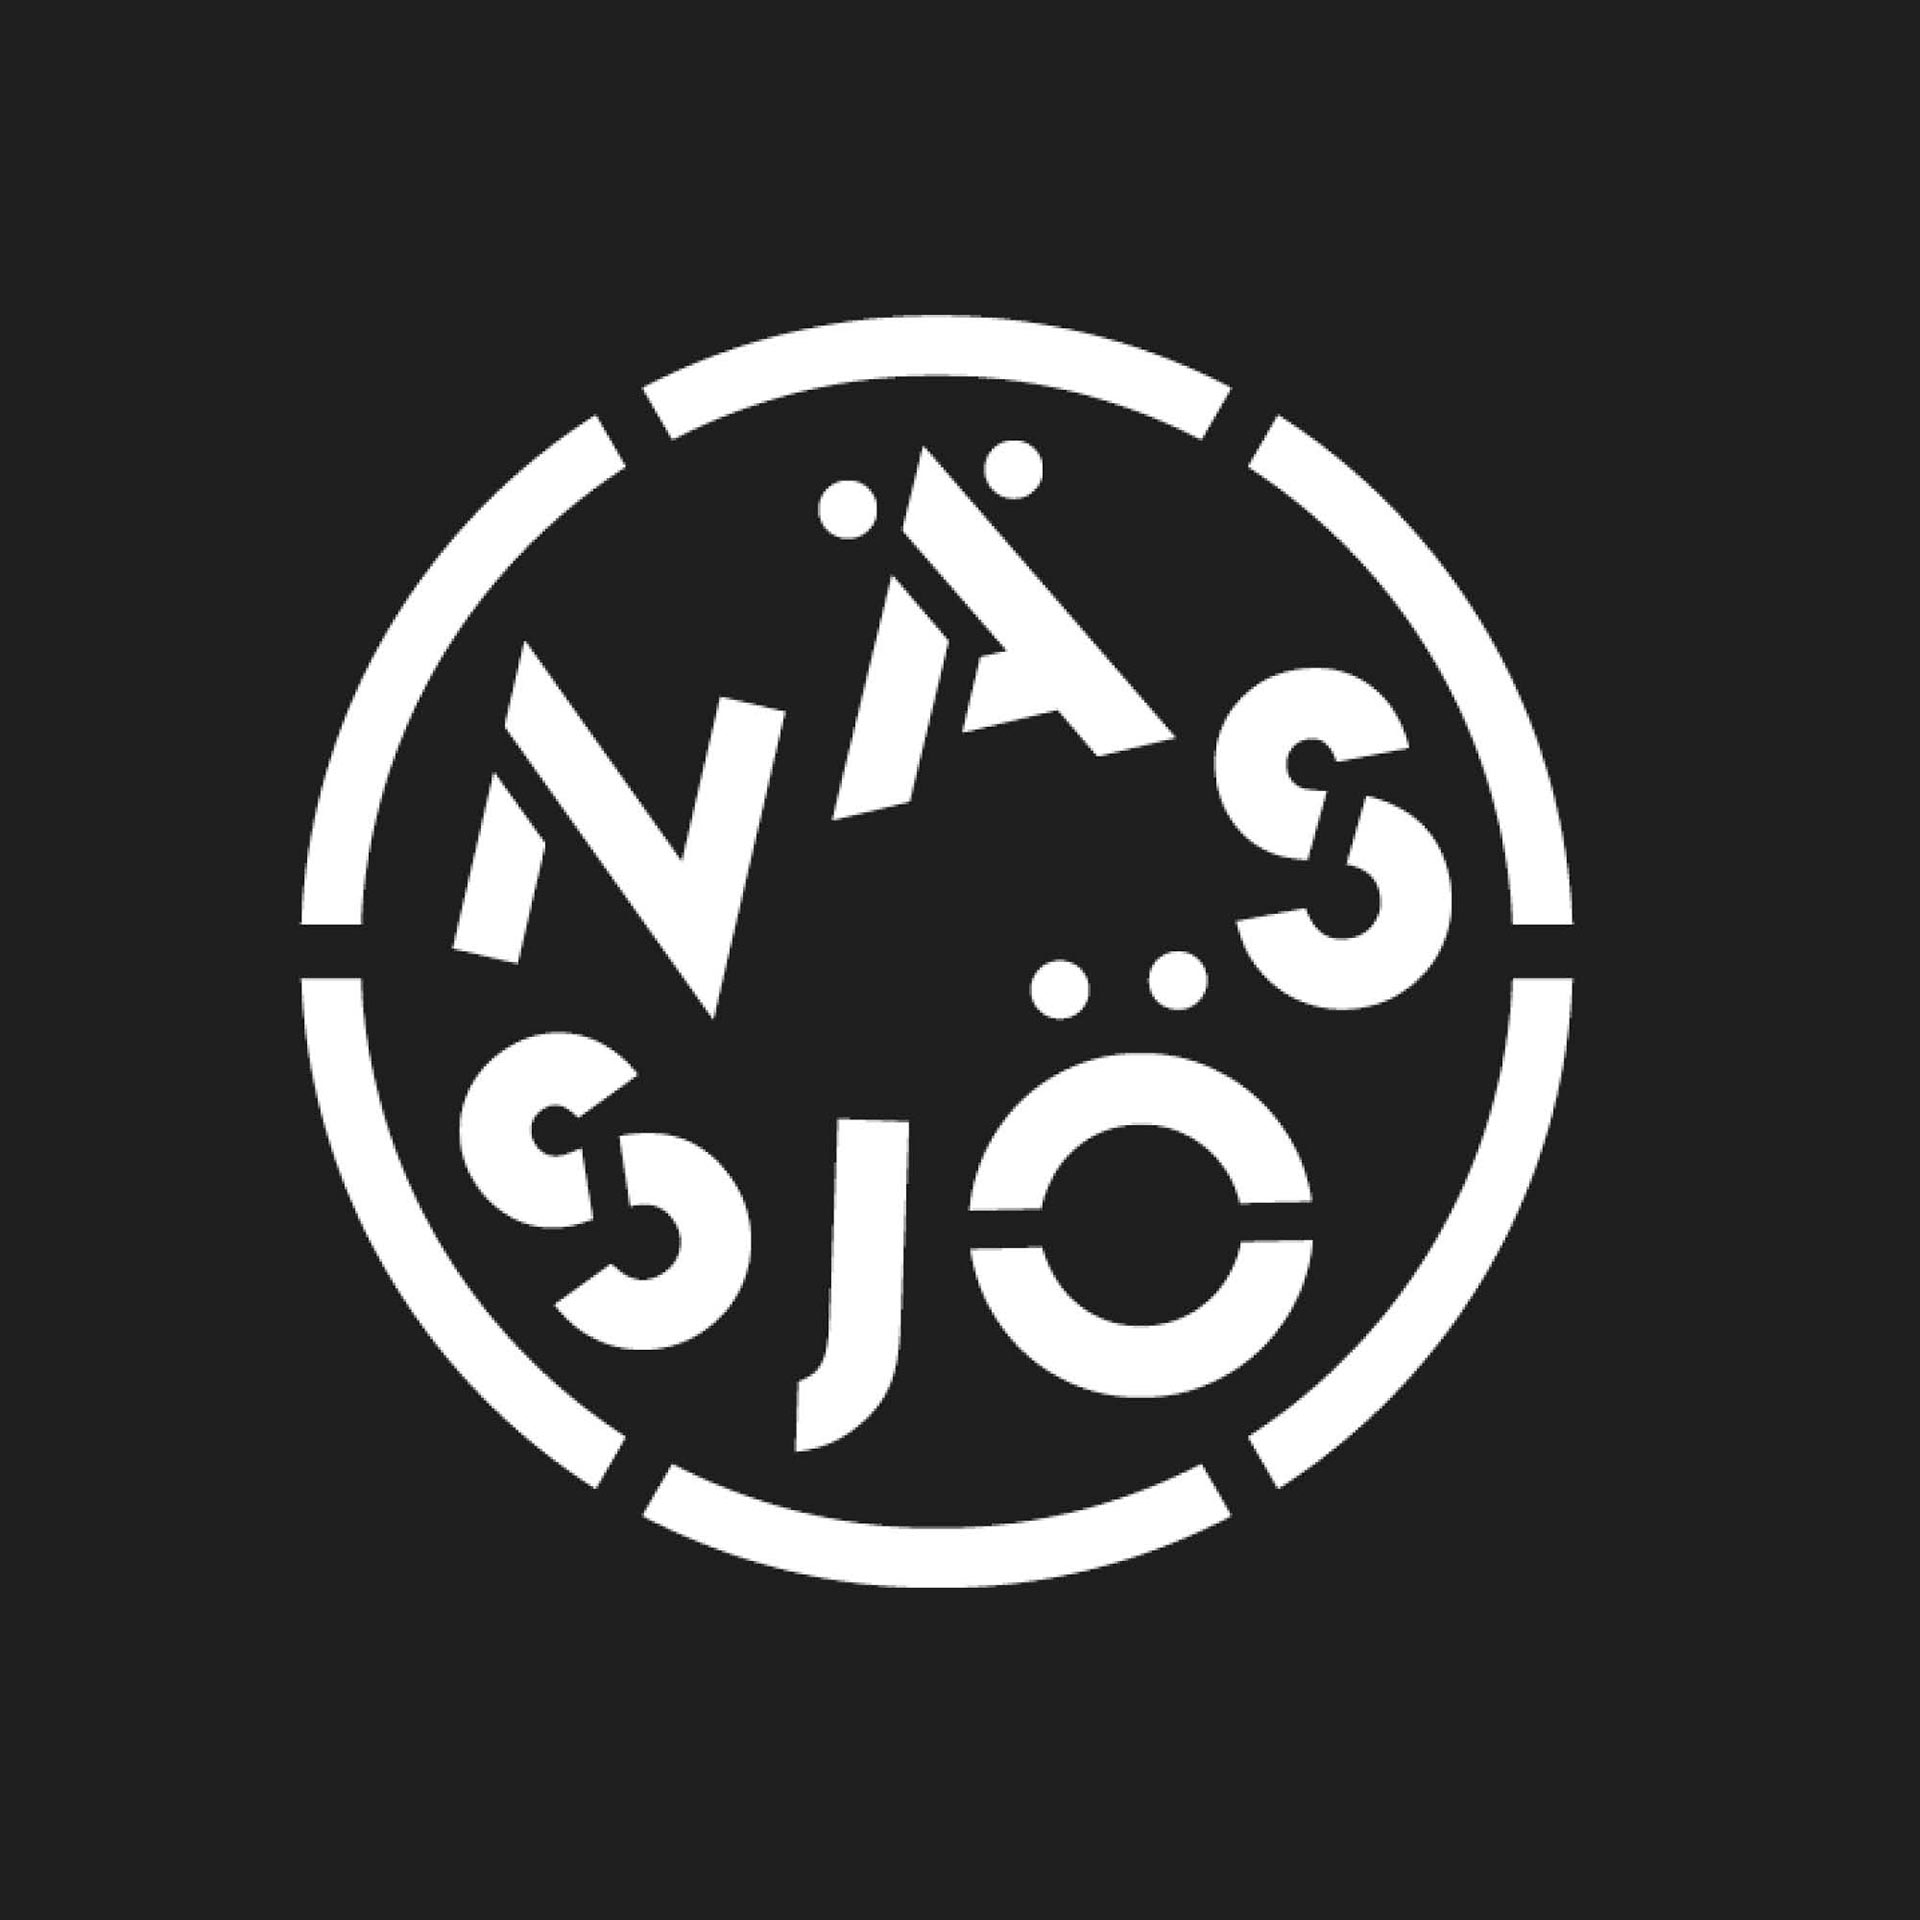 Nässjö vit logotyp på svart bakgrund